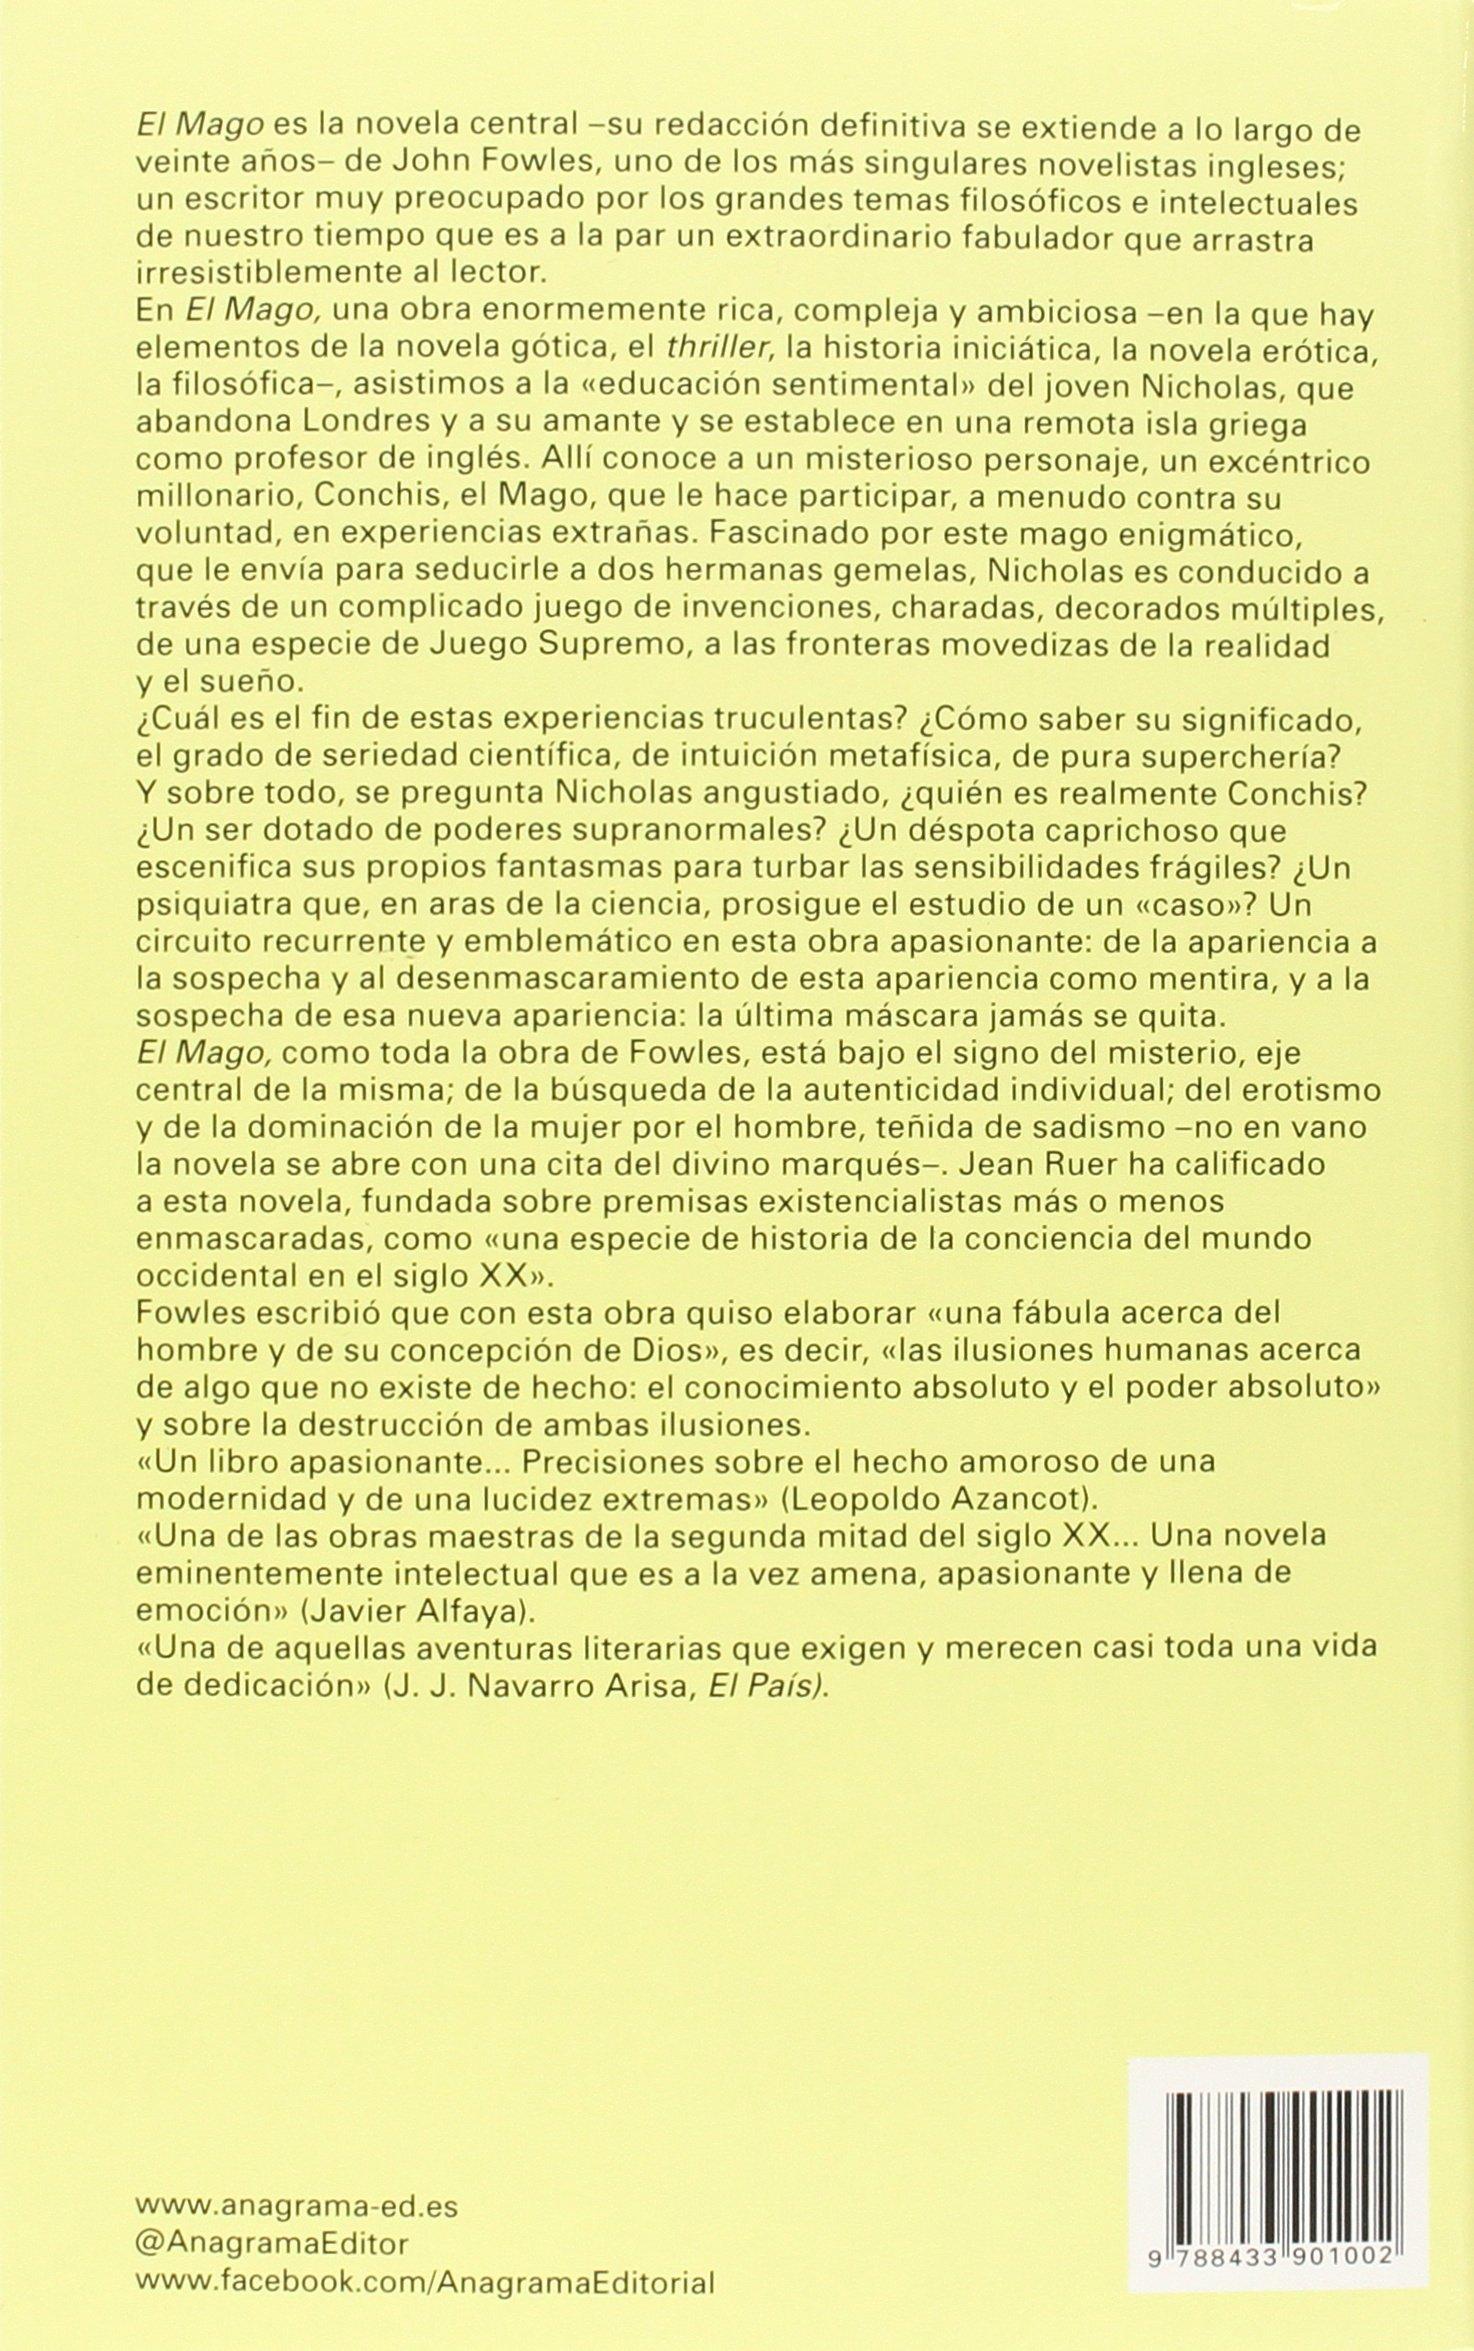 El Mago (Panorama de narrativas): Amazon.es: John Fowles, Enrique Hegewicz: Libros